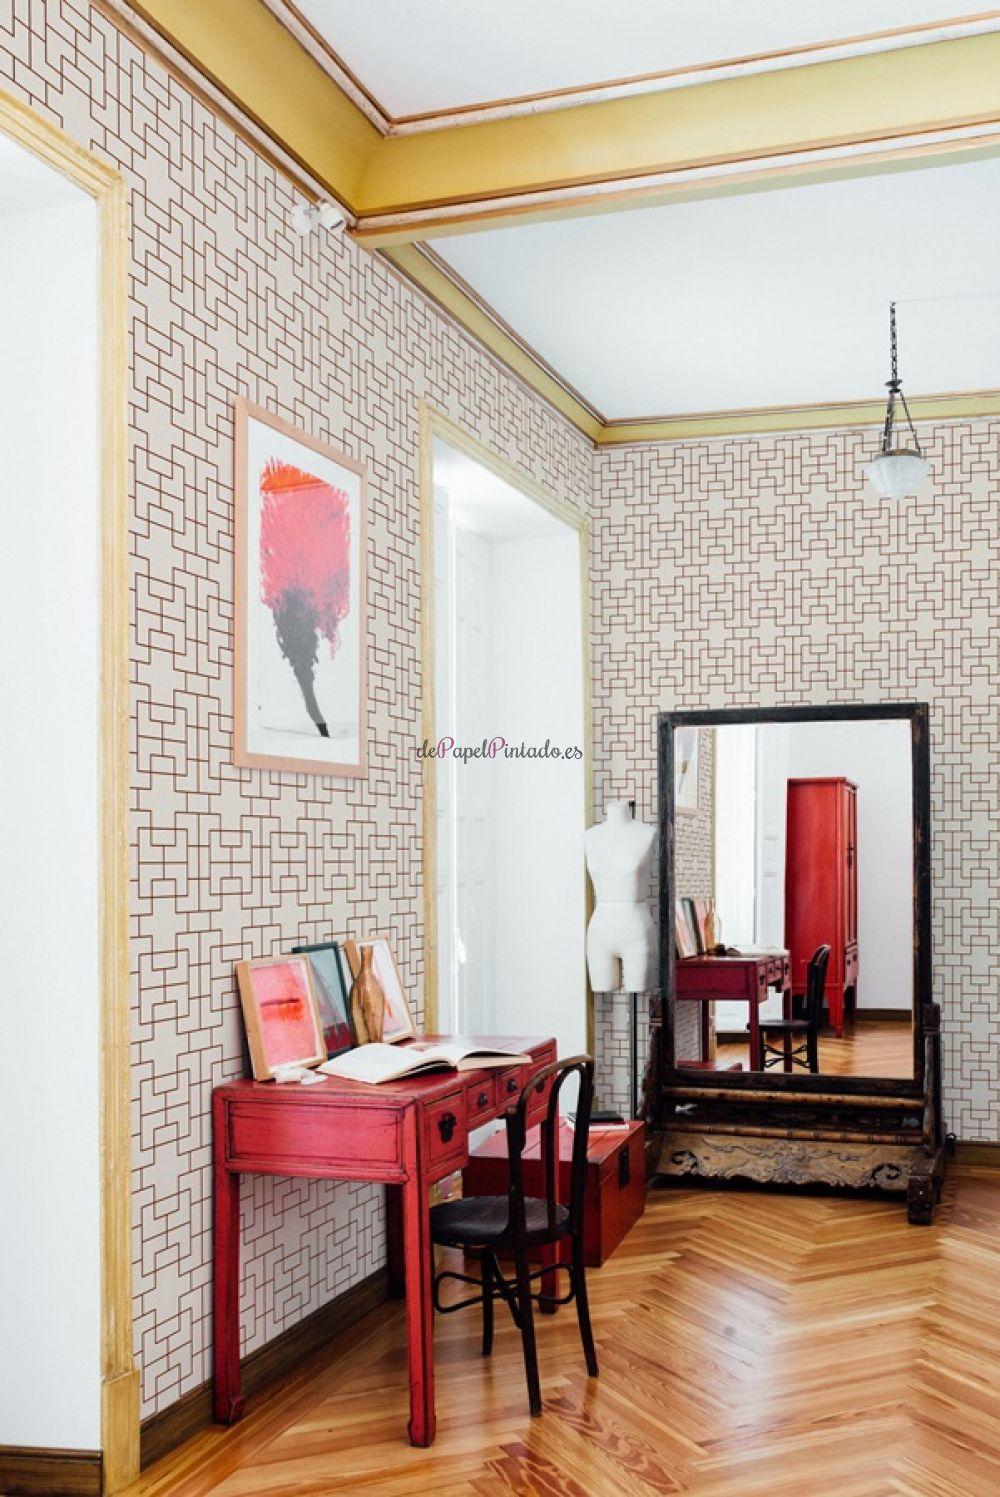 Papel pared barato papel pintado barato oferta refpapel for Murales pared baratos